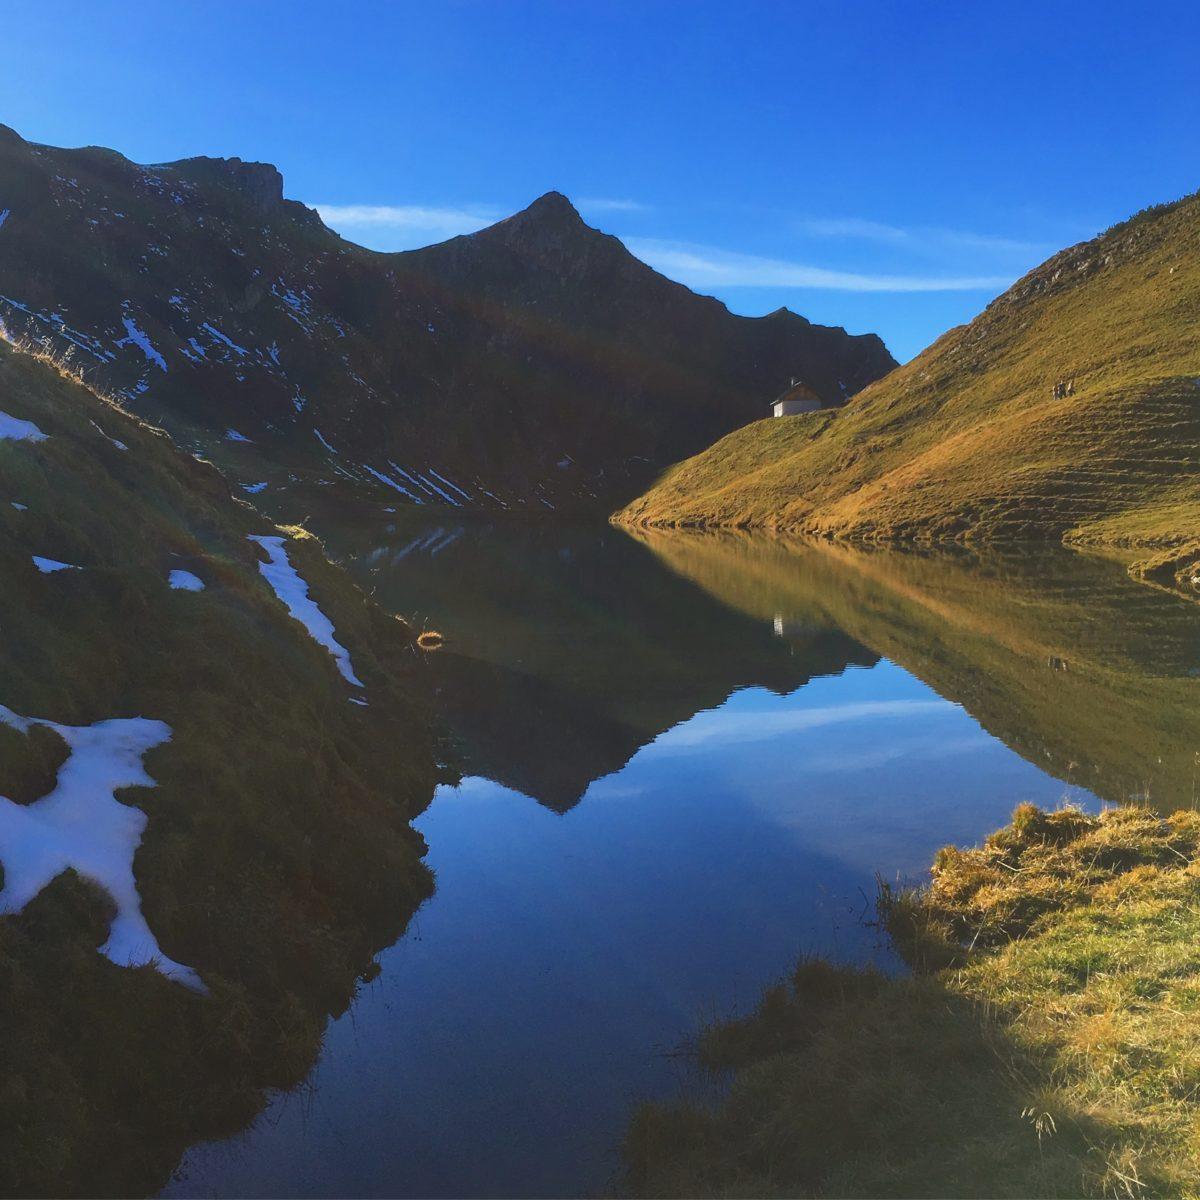 Beliebtes Ausflugsziel: Der Schrecksee von Bad Hindelang